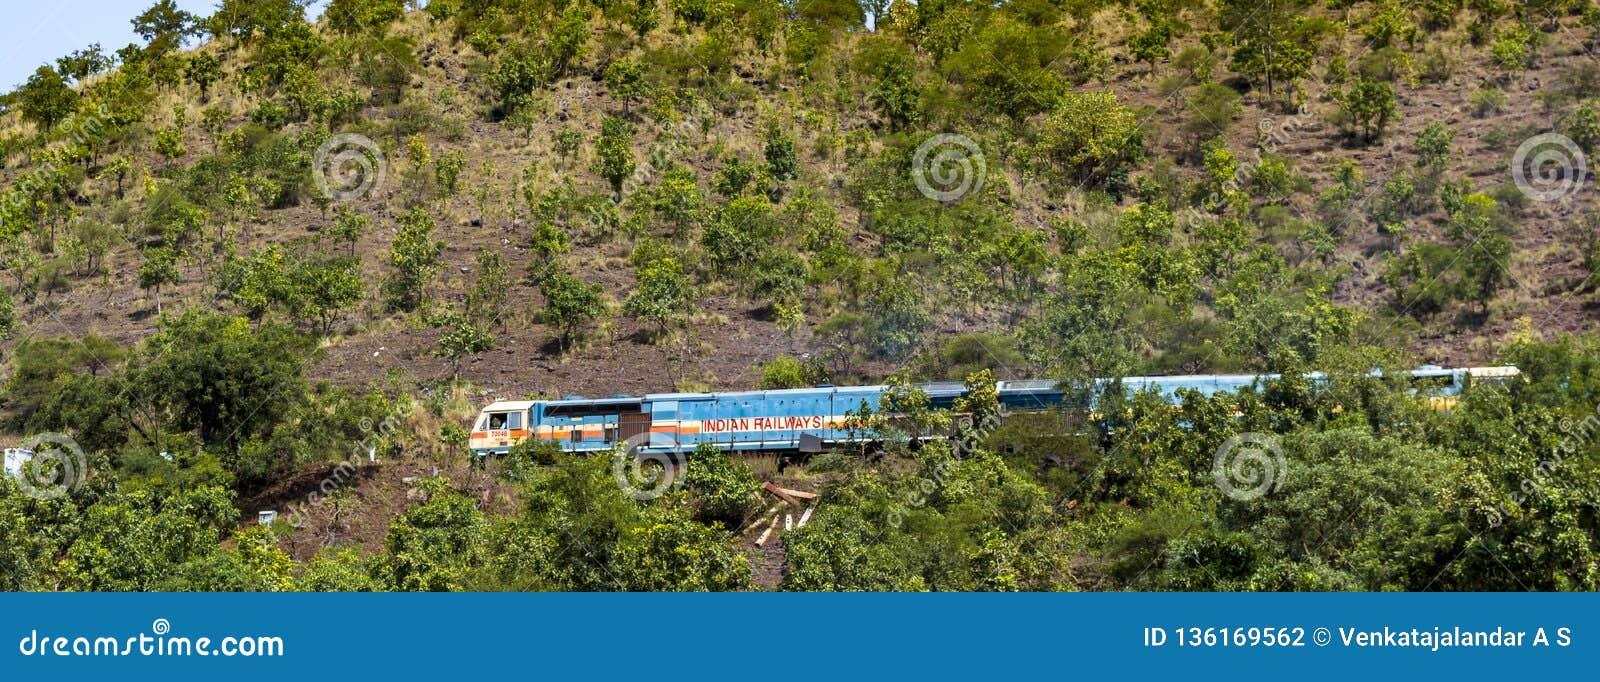 Индийские железные дороги на горе